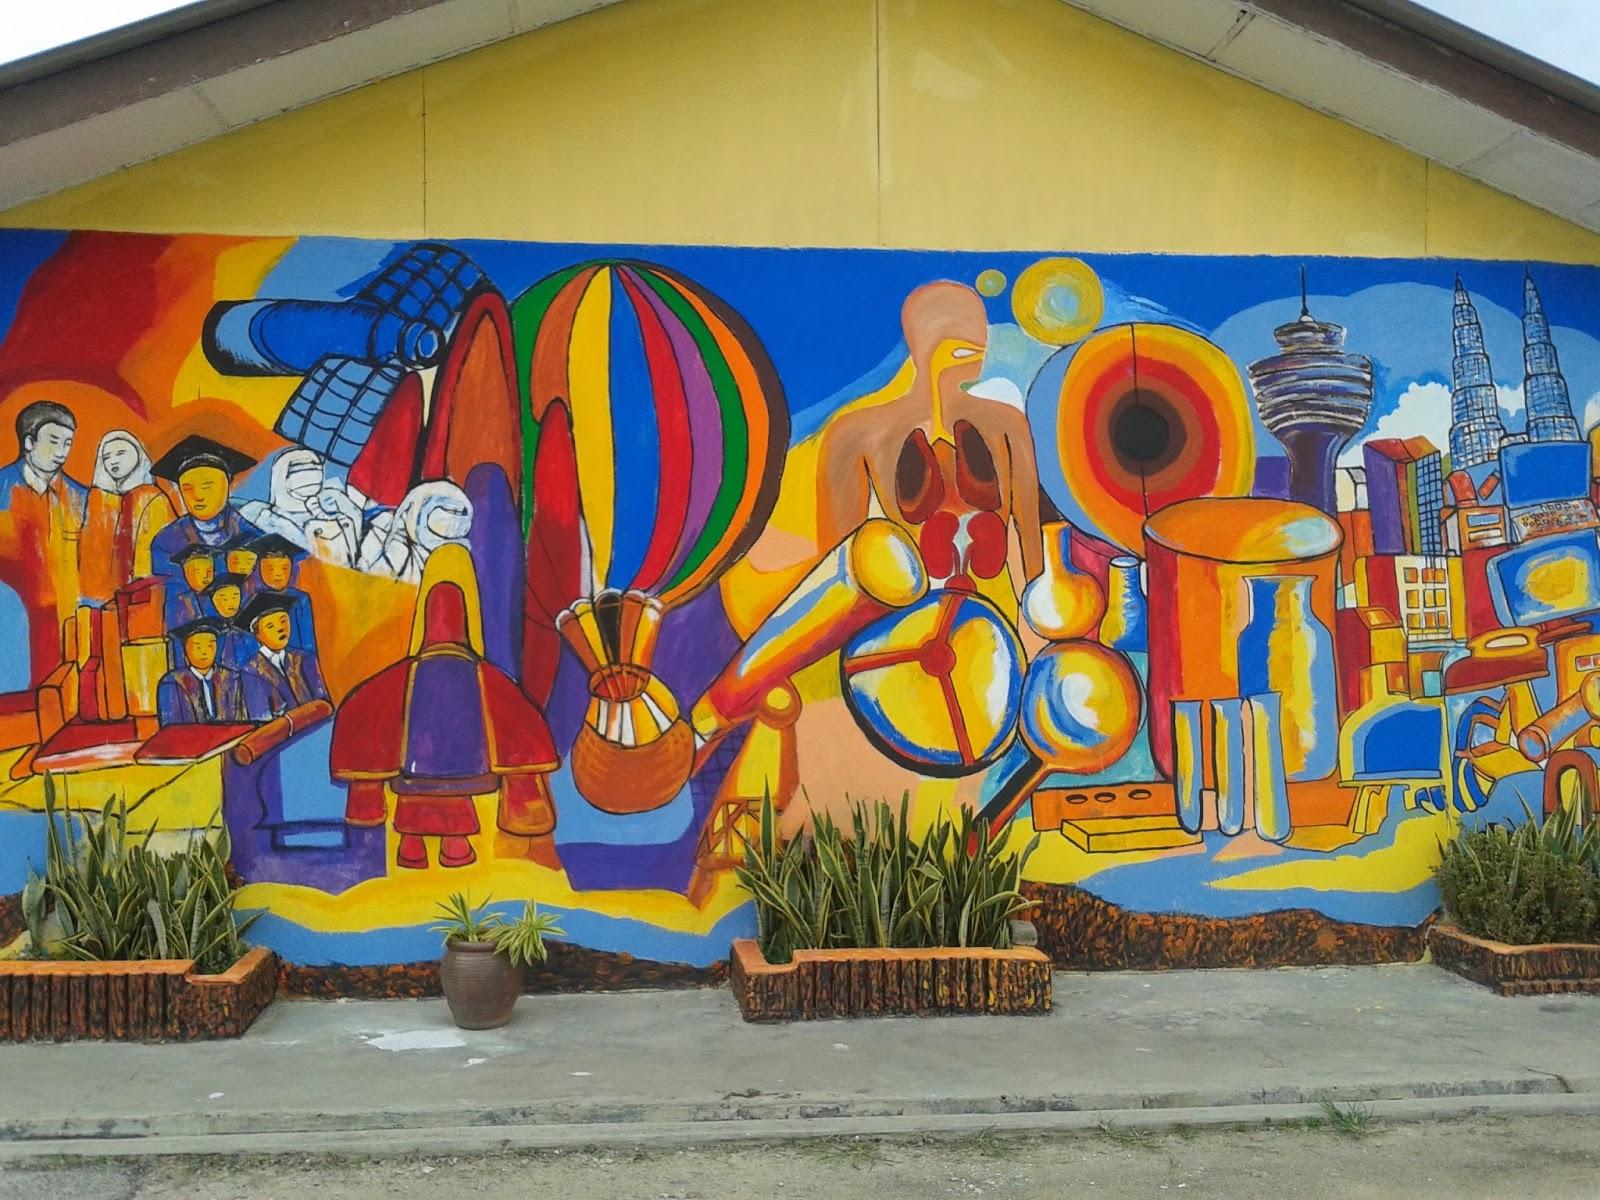 Hem sekolah ceria murid berjaya program keceriaan for Mural sekolah